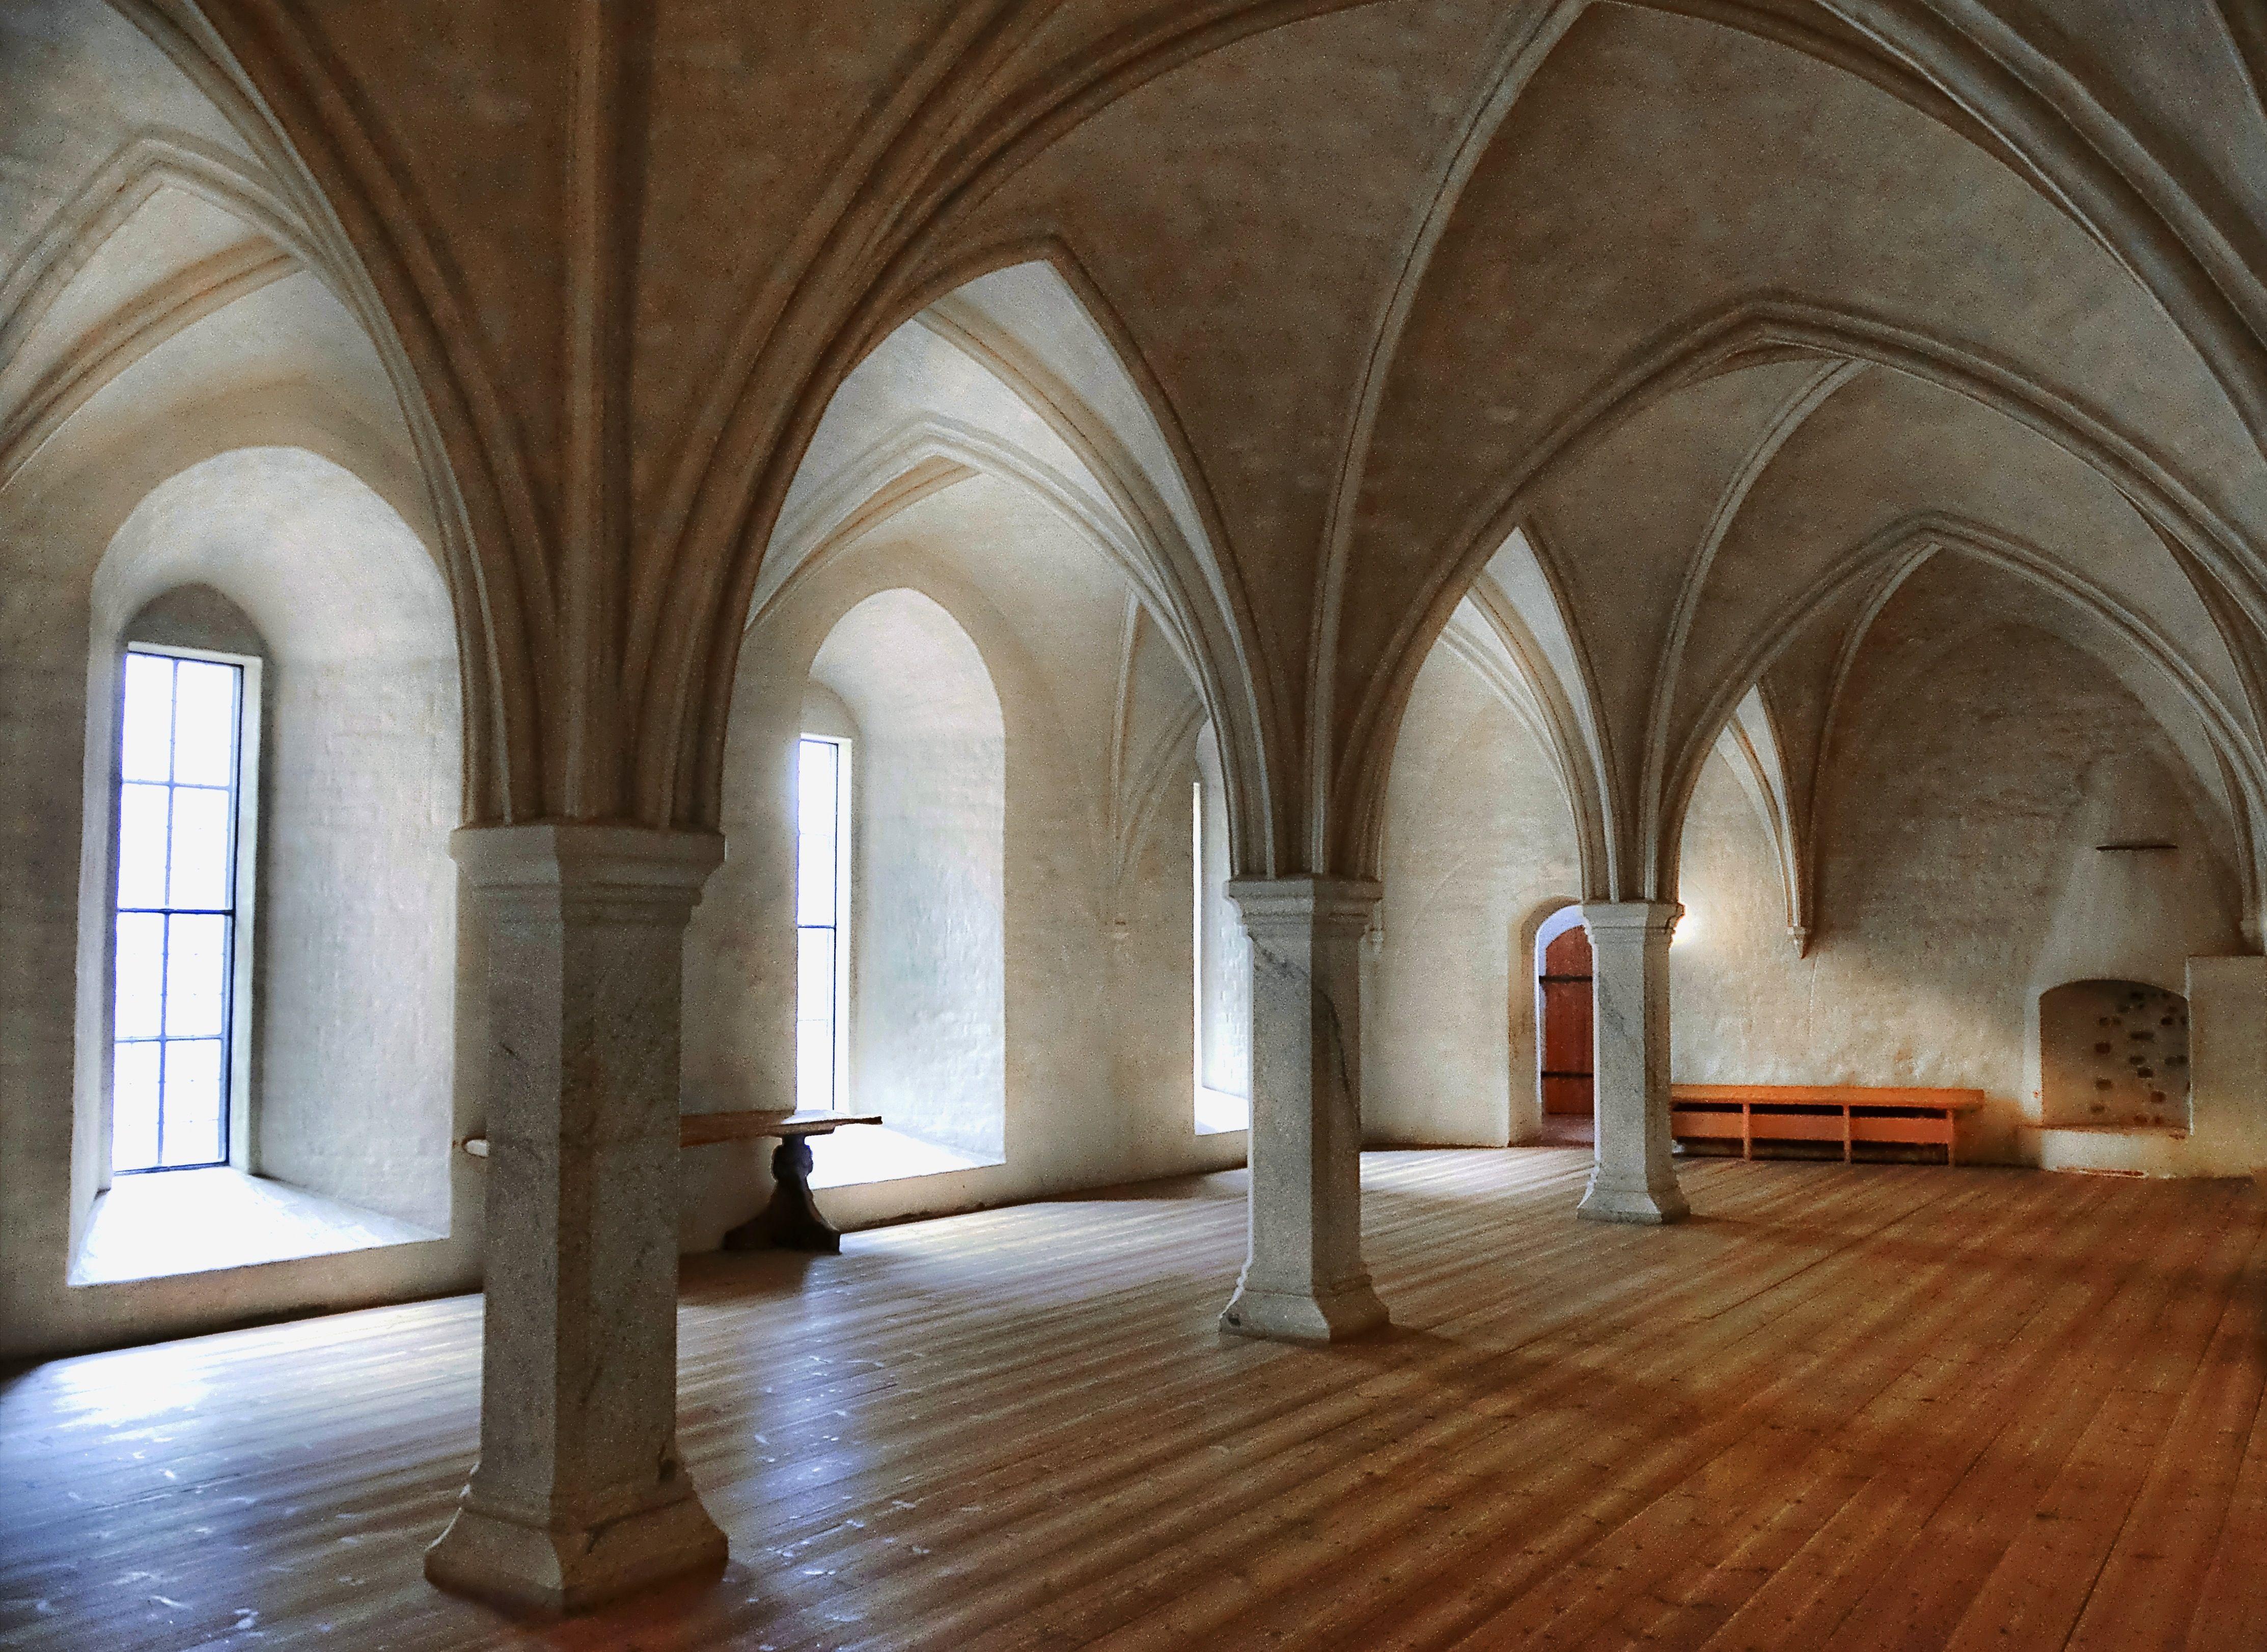 inside a castle description kings hall inside the castle. Black Bedroom Furniture Sets. Home Design Ideas